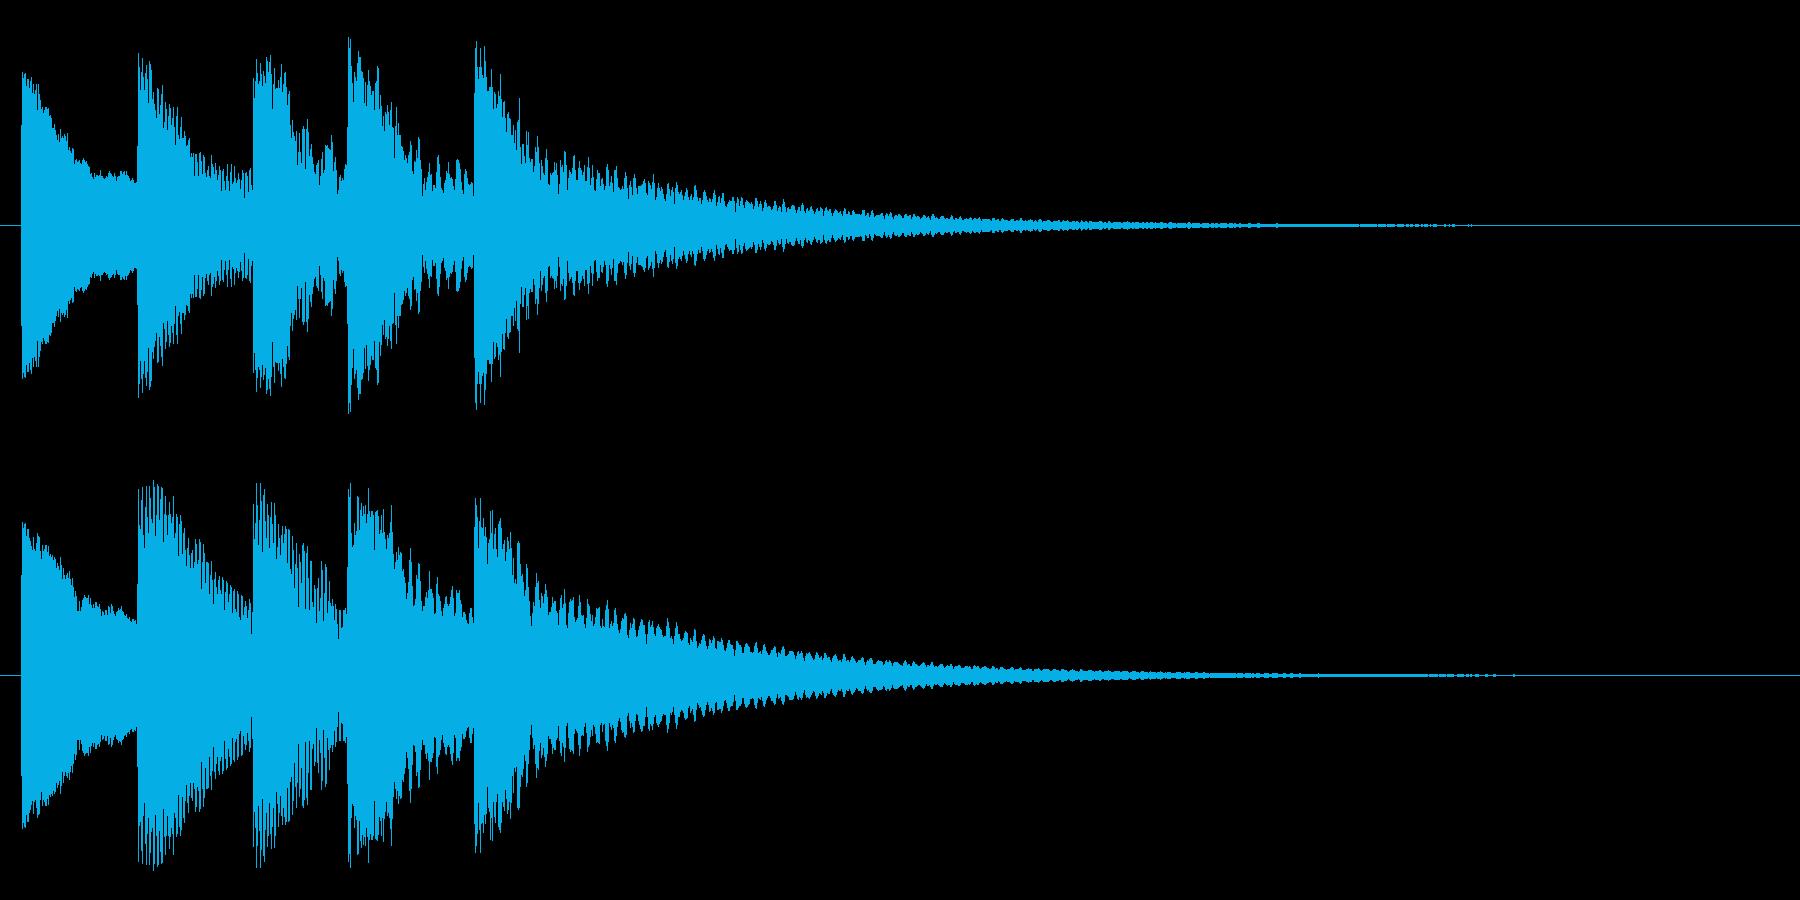 ティトンテントンティーン(物悲しい)の再生済みの波形